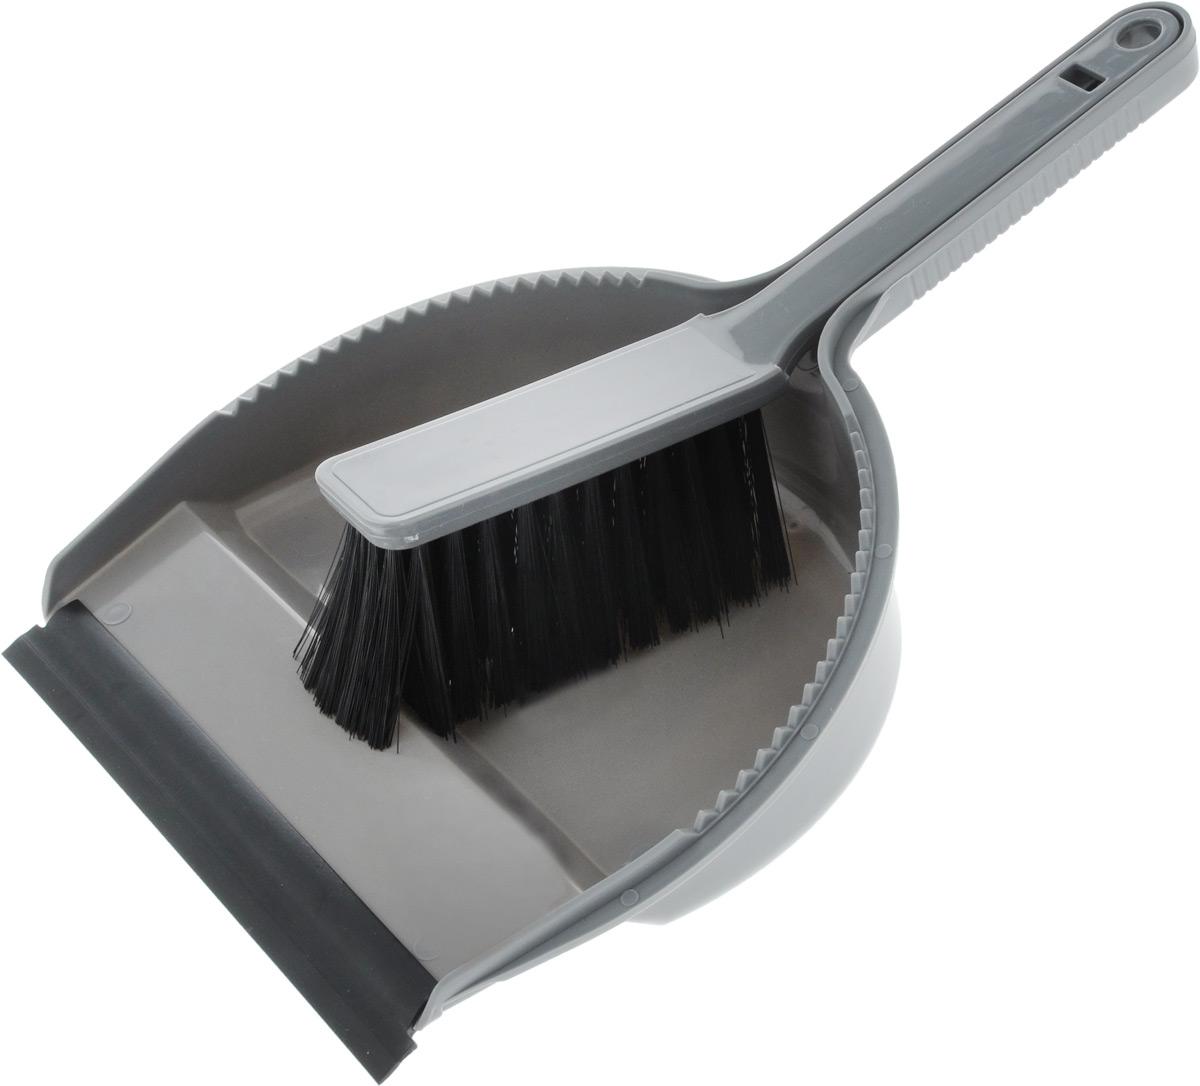 Набор для уборки Svip Лаура, с кромкой, цвет: серебряный, 2 предметаDAVC150Набор для уборки Svip Клио, состоит из щетки-сметки и совка, выполненных из полипропилена.Он станет незаменимым помощником в деле удаления пыли и мусора с различных поверхностей.Ворс щетки достаточно длинный, что позволяет собирать даже крупный мусор.Края совка оснащены зубчиками для чистки щетки после ее использования. Совок имеет резиновую кромку,благодаря которой удобнее собирать мусор. Ручка совка позволяет прикреплять его к рукоятке щетки. На рукояти изделий имеется специальное отверстие для подвешивания. Длина щетки-сметки: 25,2 см. Длина ворса: 5,5 см. Размер рабочей поверхности совка: 18,5 х 19 см.Размер совка (с учетом ручки): 33 х 19 х 6 см.